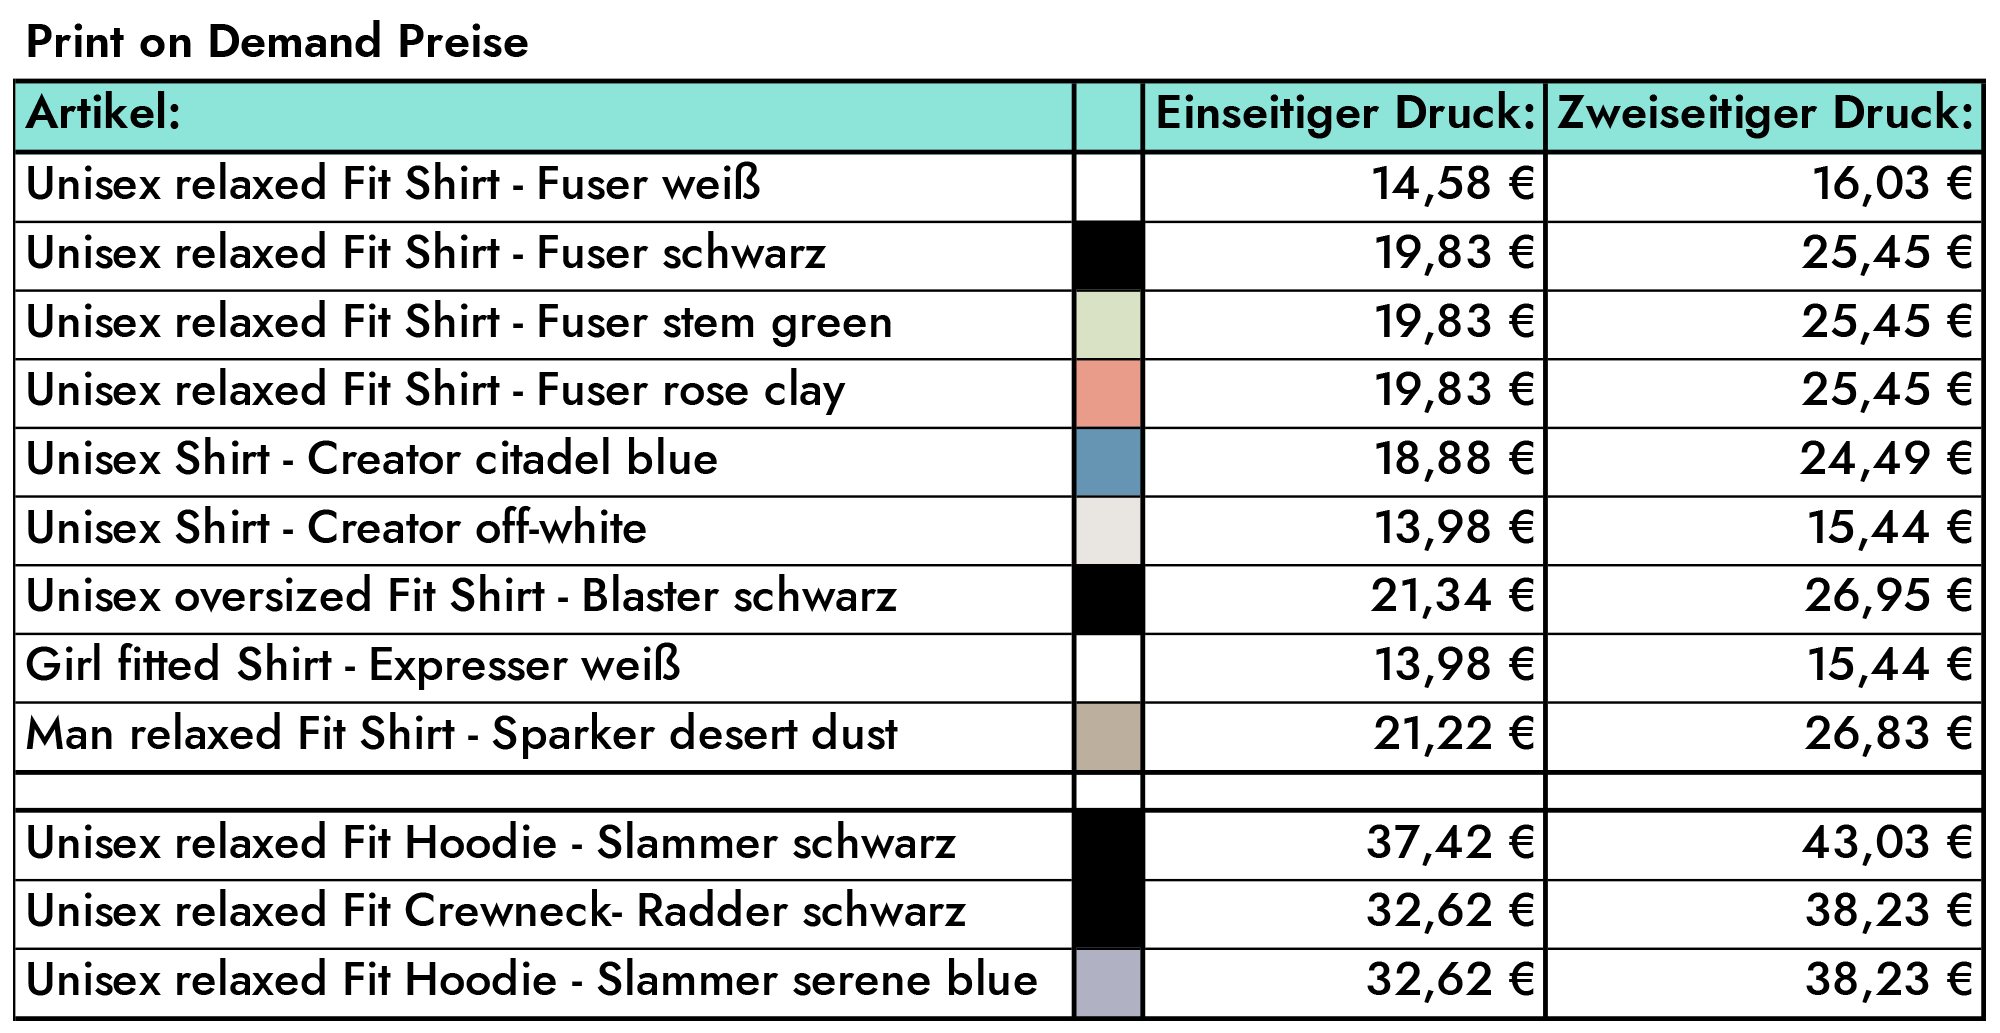 Aus'm Keller Print on Demand Preise Österreich Brutto